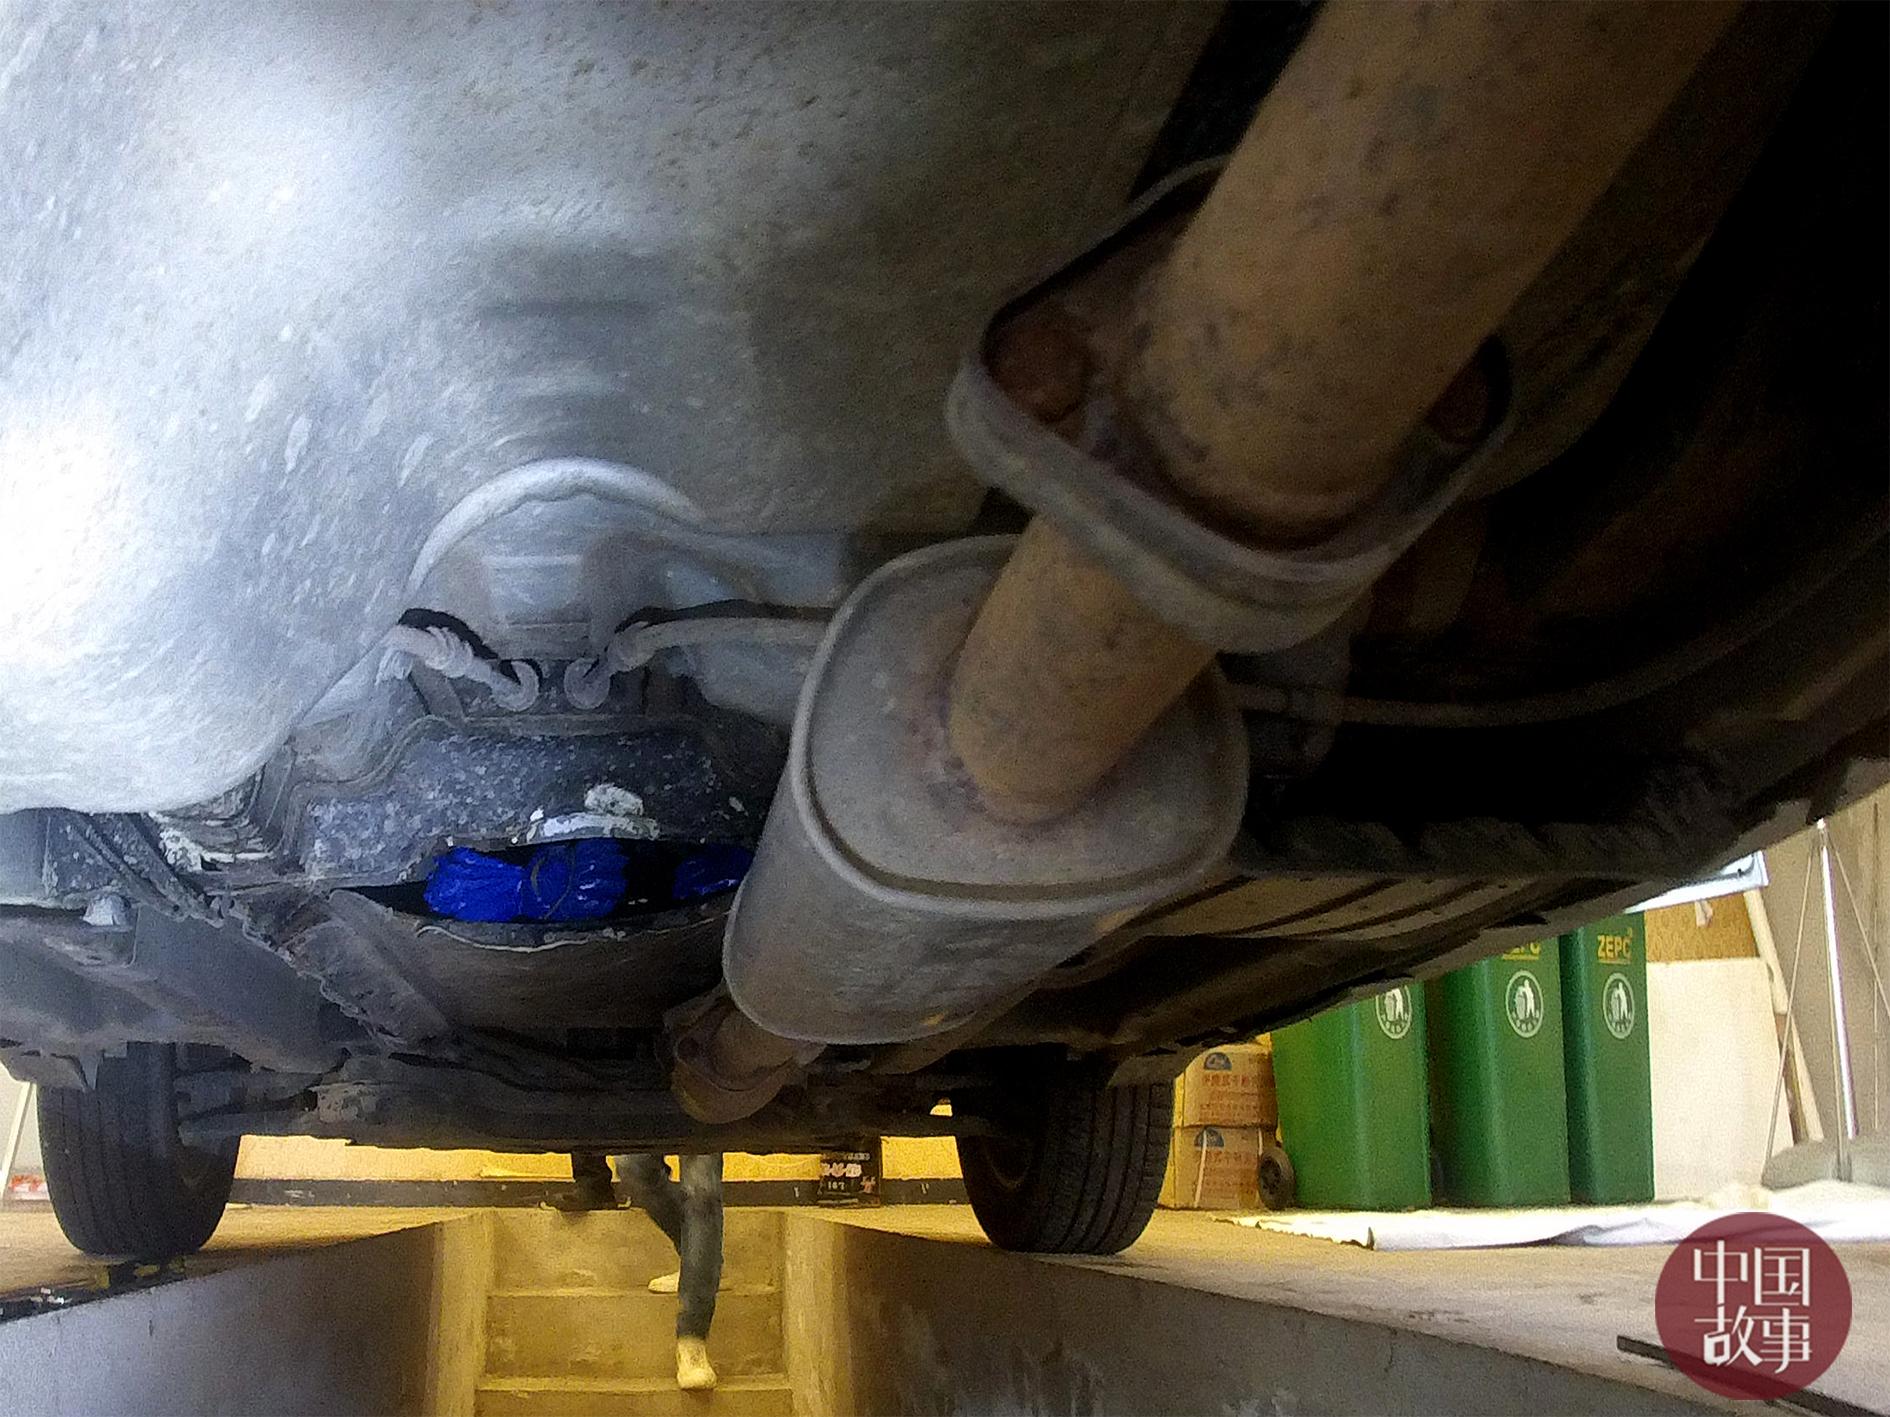 吞吞吐吐嫩穴b_发现车体有改装痕迹,车辆驾驶员说话吞吞吐吐,语无伦次,目的地不明确